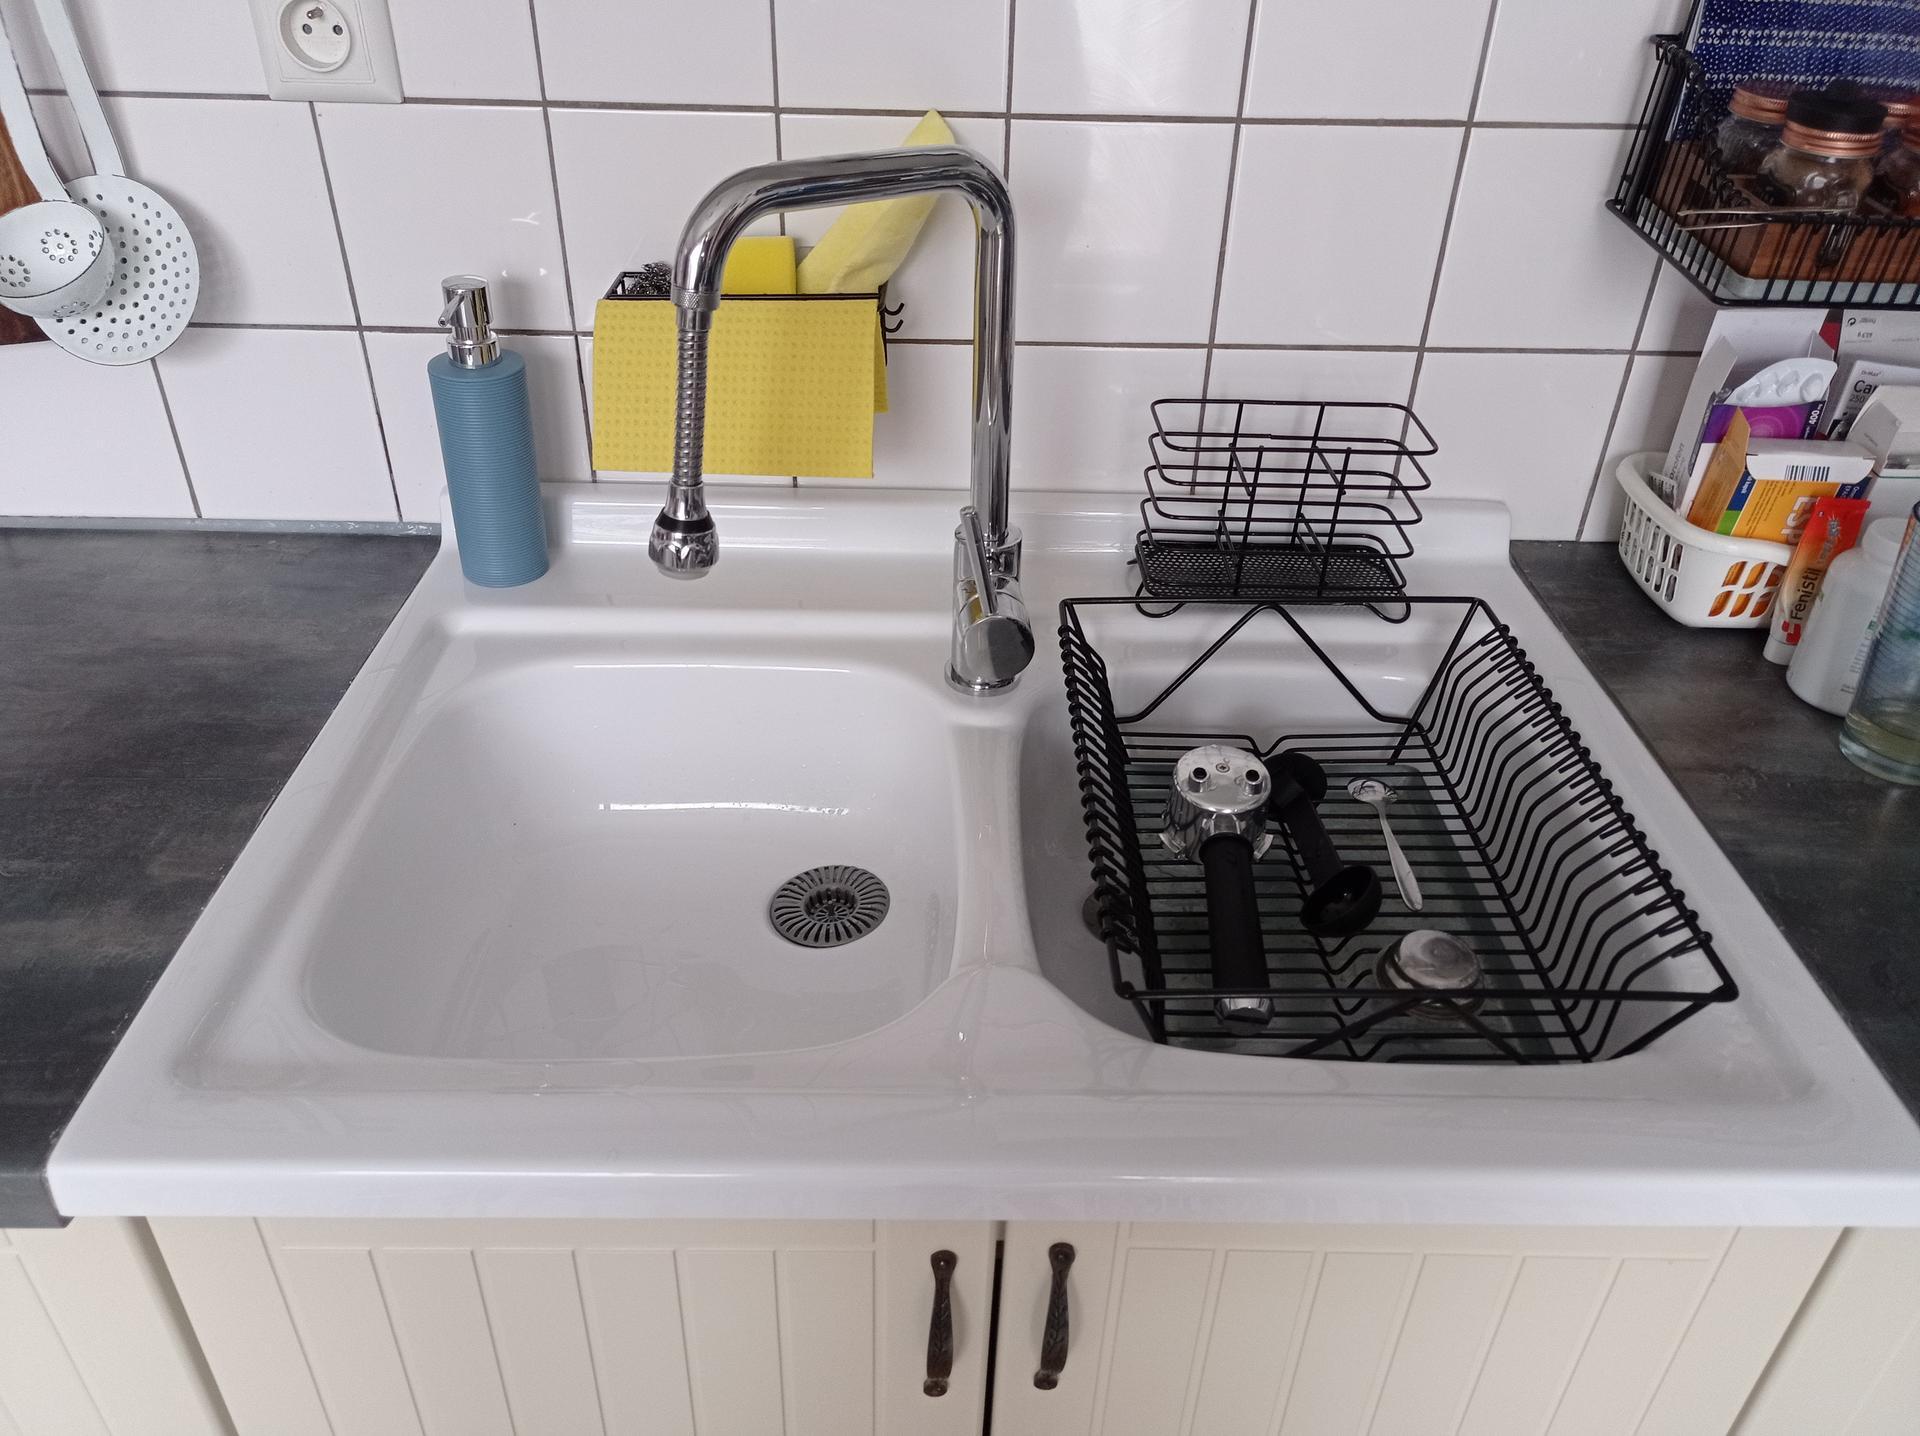 Kuchyňa - Konecne som sa zbavila nerezoveho drezu. ☺️